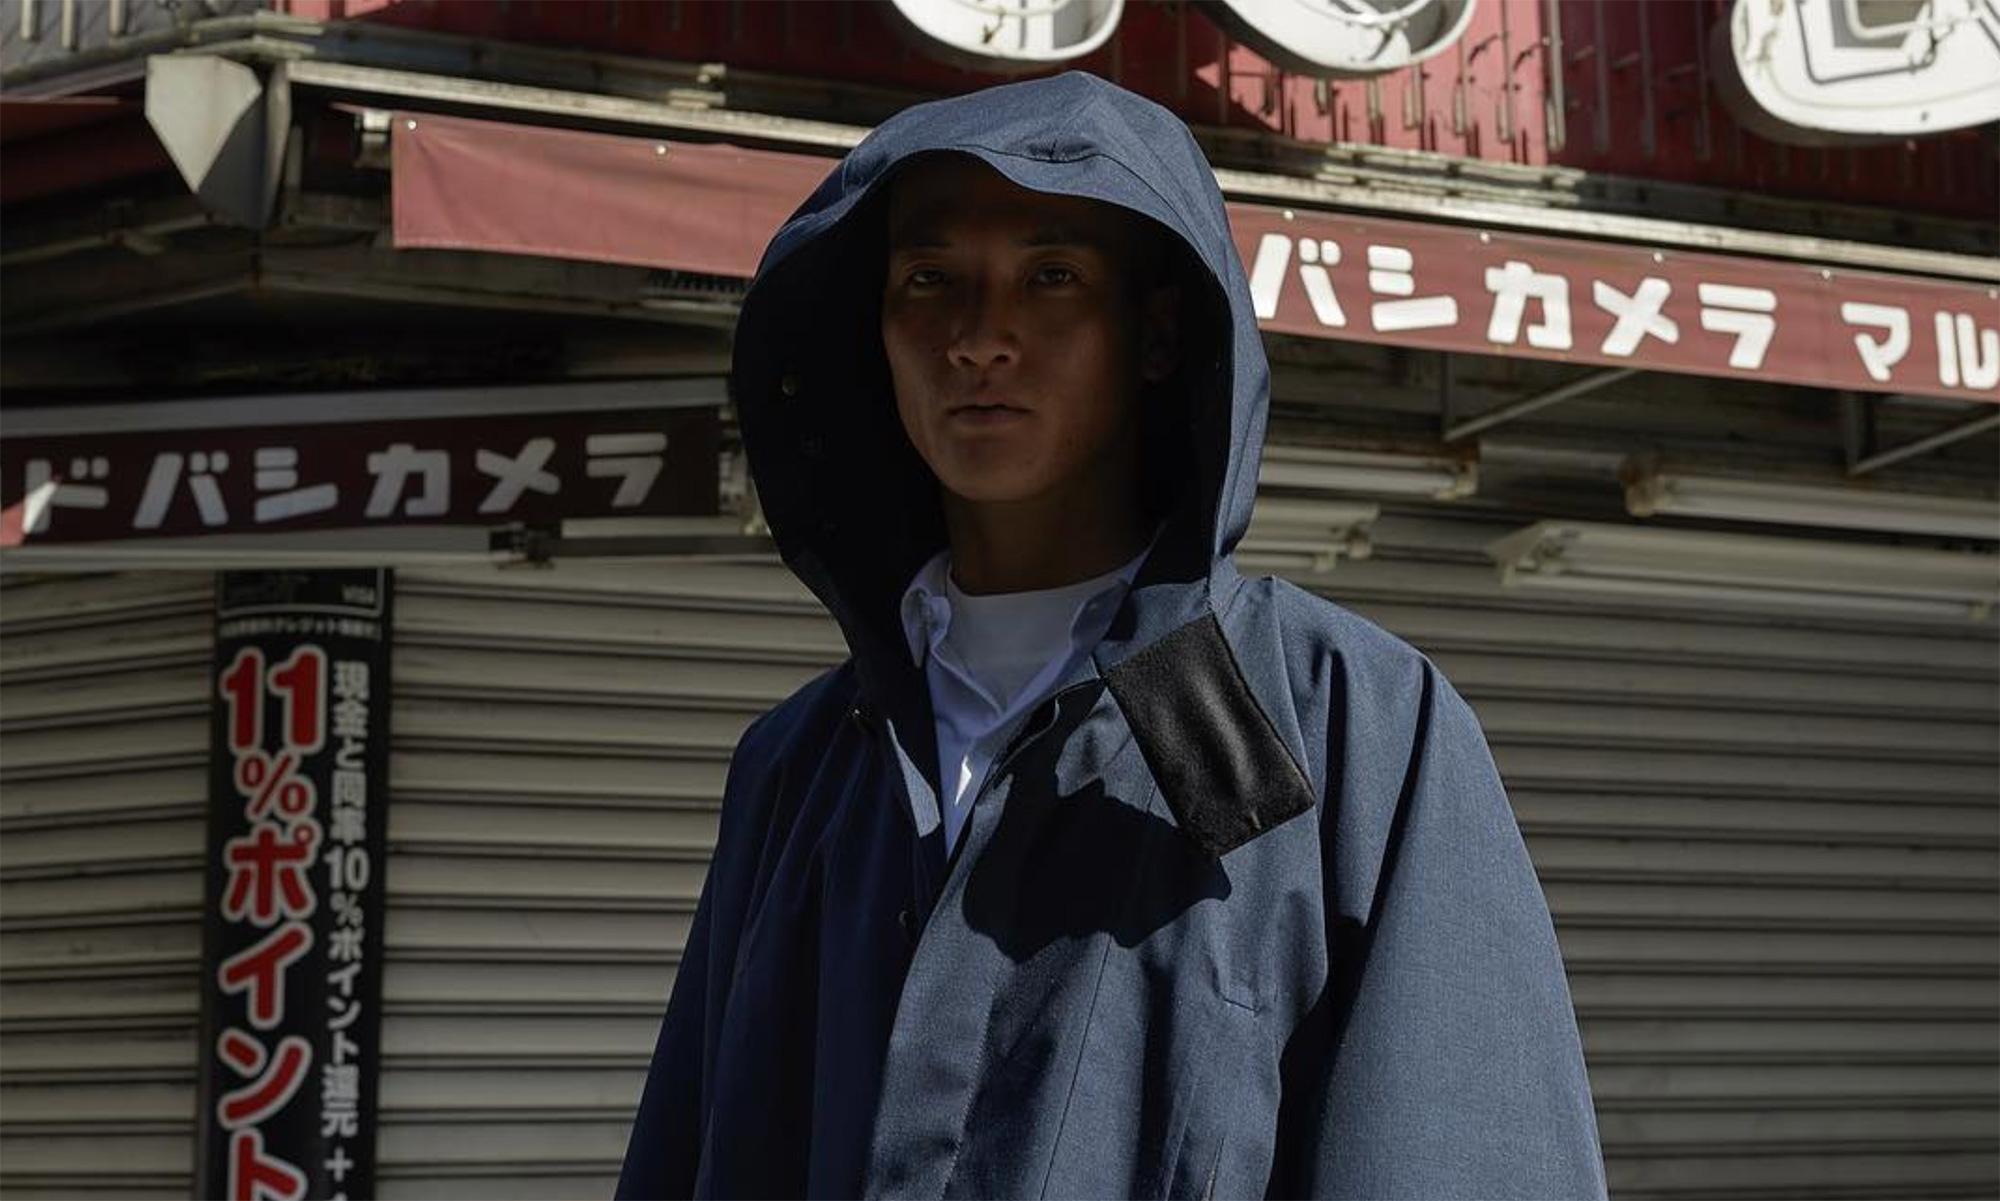 在上海这种阵雨城市里,这几个服饰品牌或许能代替雨伞